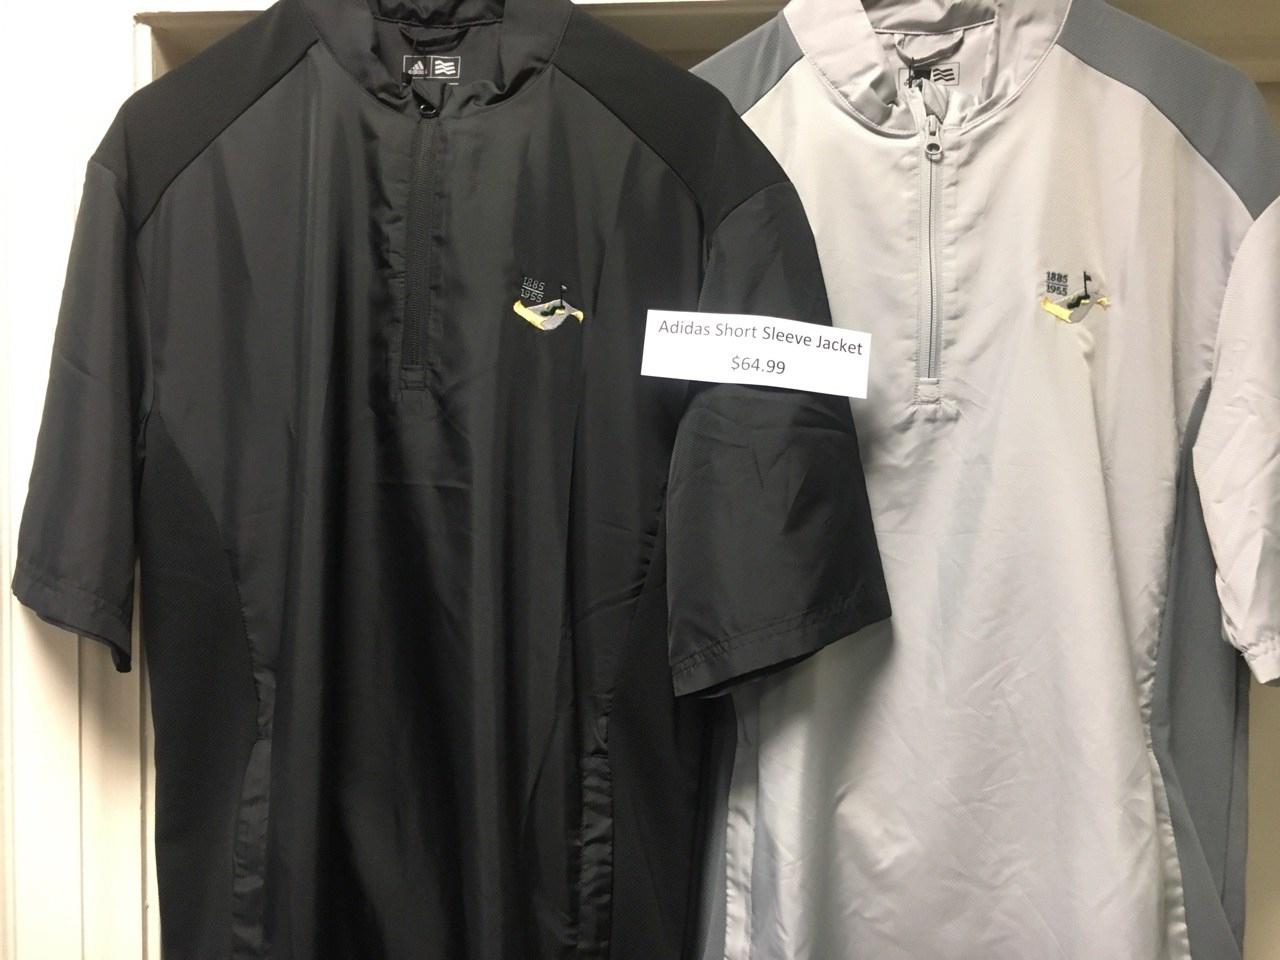 S  hort Sleeve Jackets: $64.99